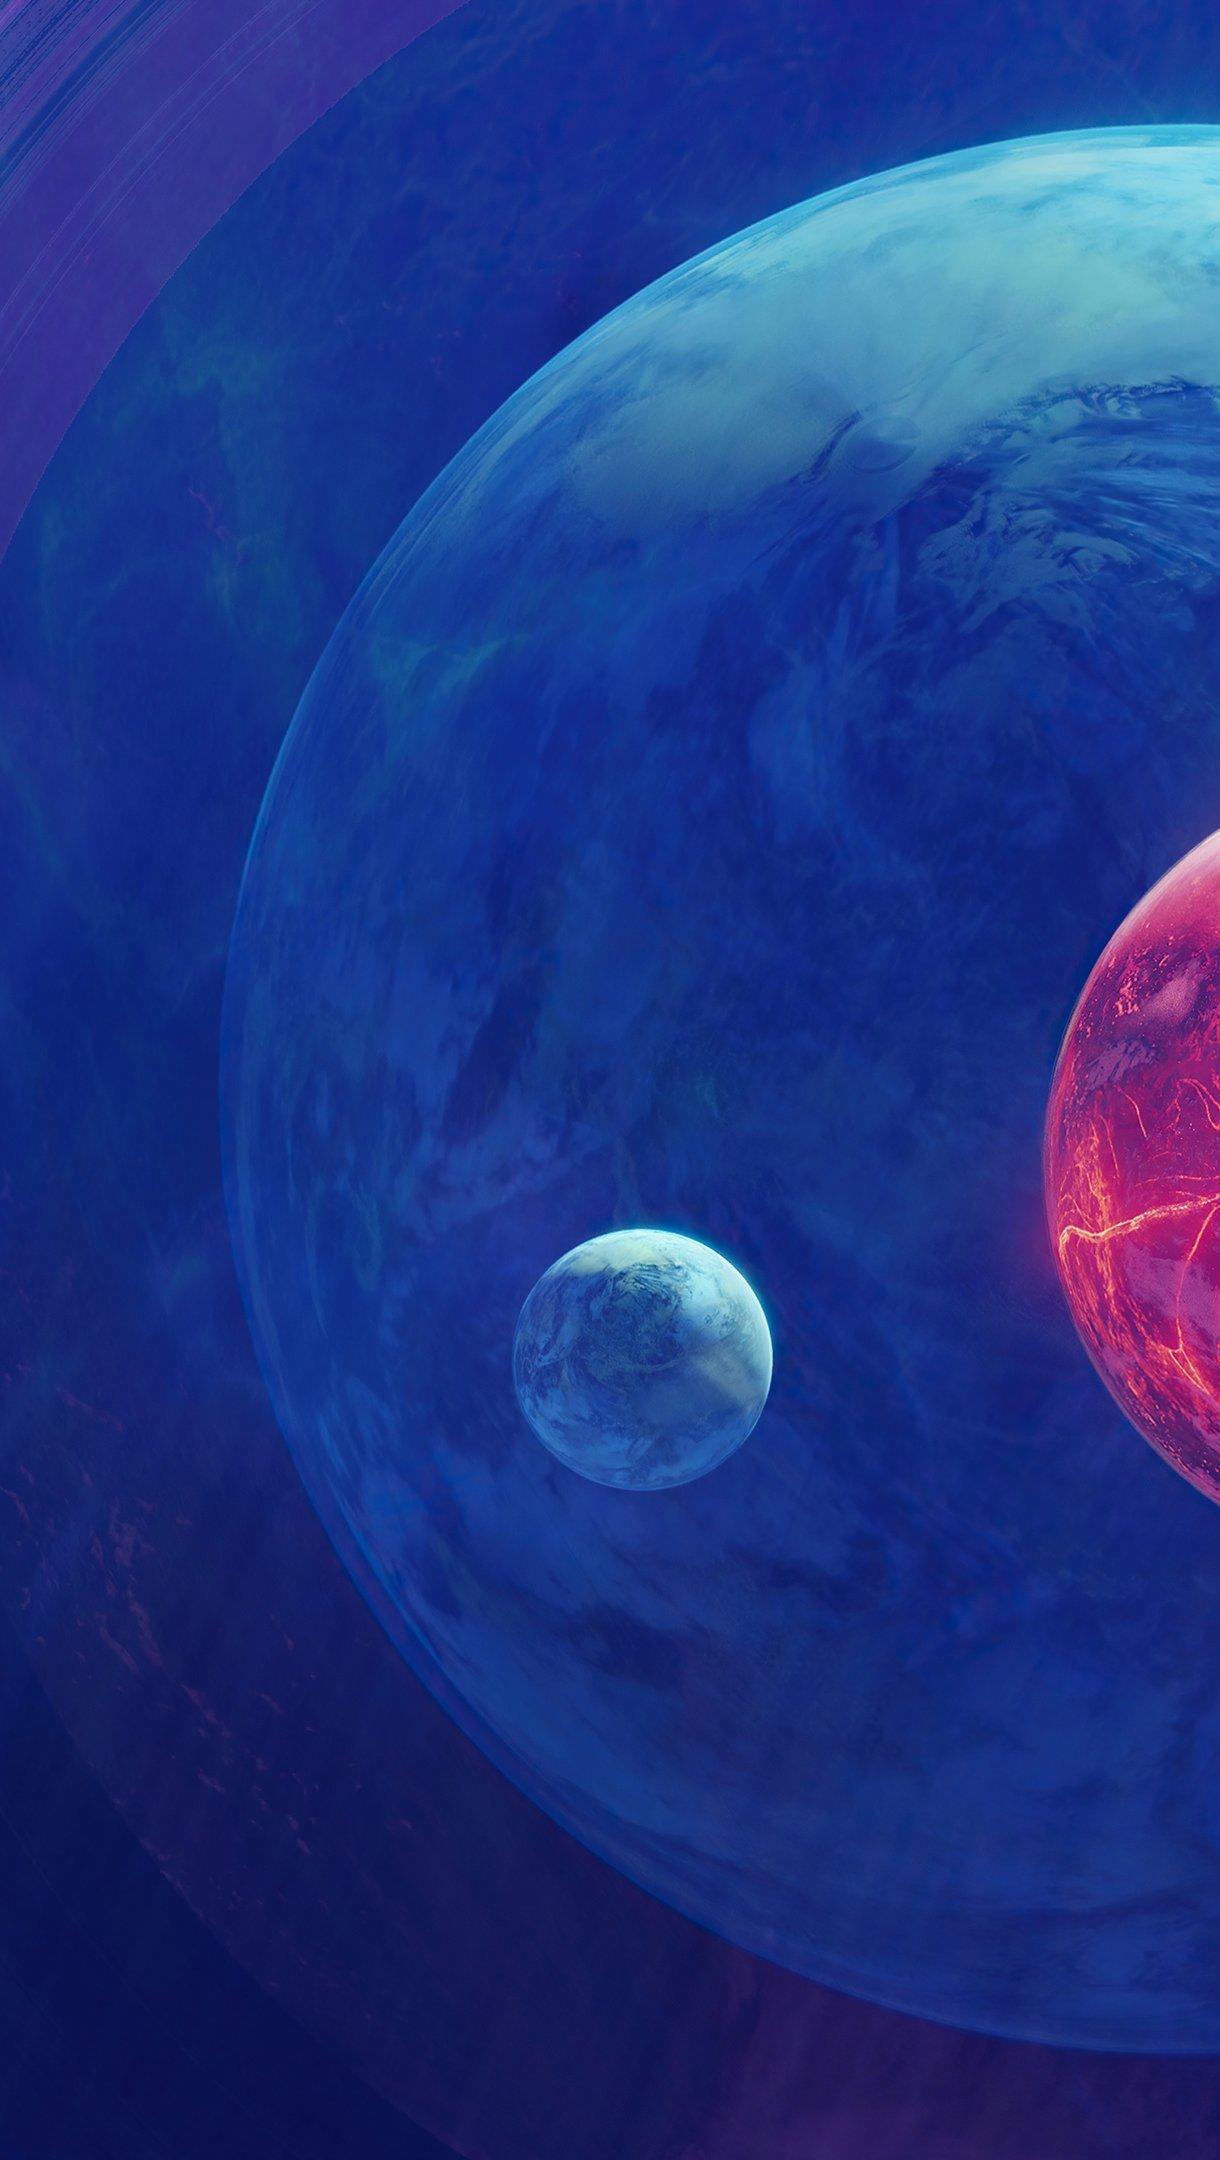 Fondos de pantalla Planetas con lunas Arte Digital Vertical